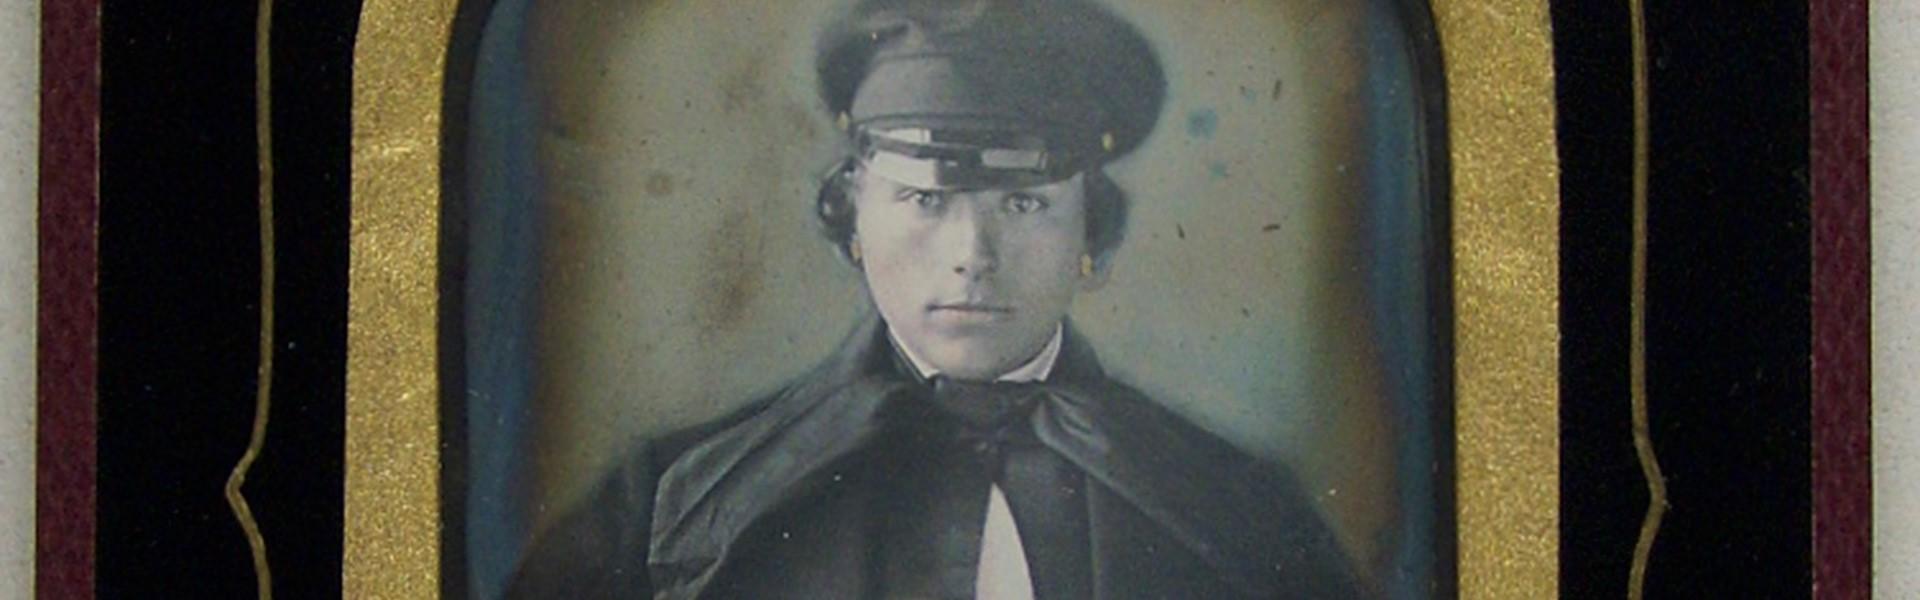 daguerreotypie